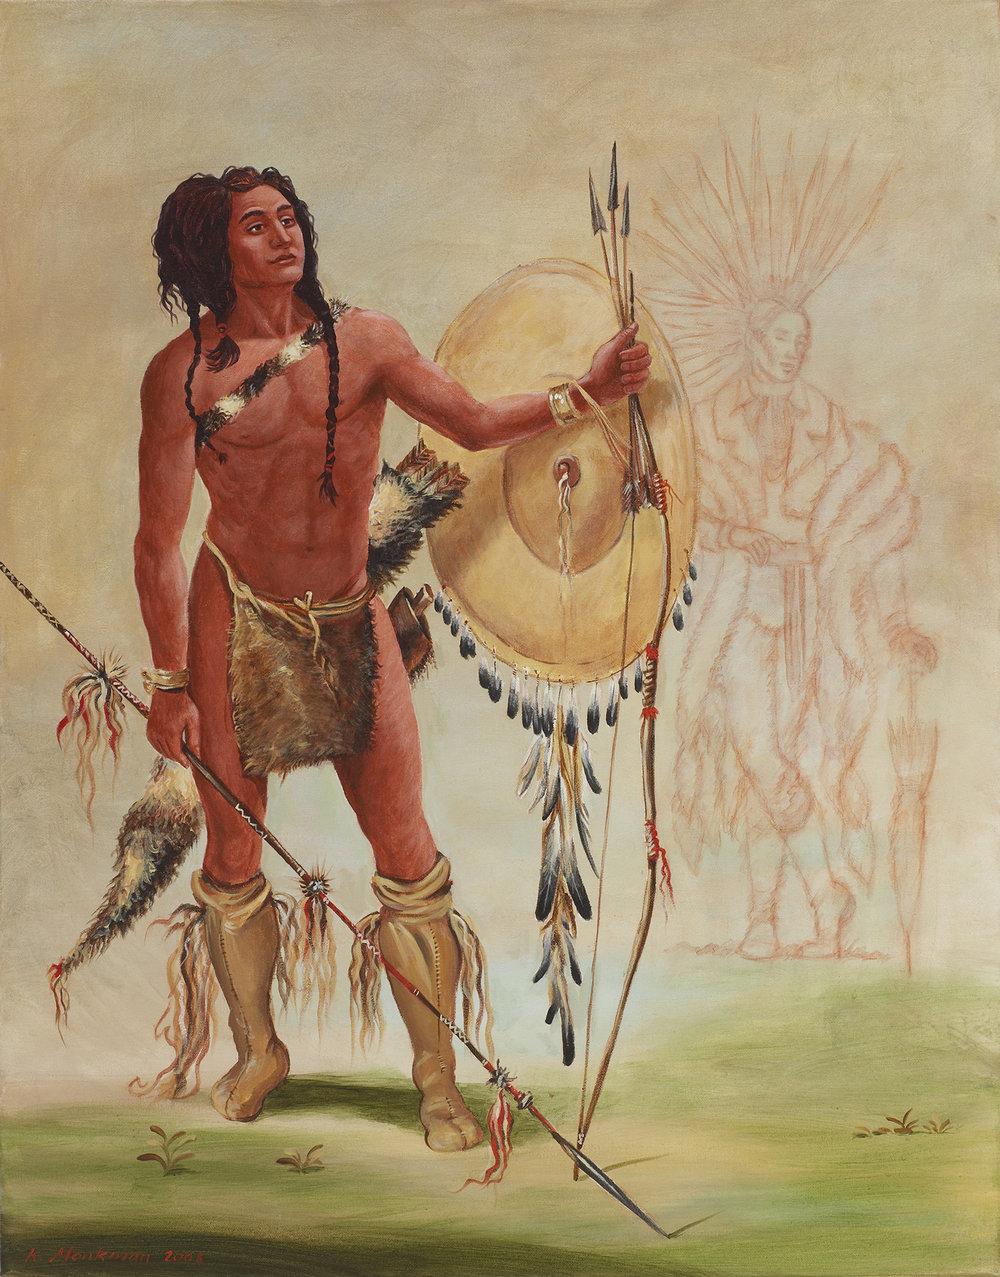 His-Oo-Sán-Chees (Little Spaniard, a Warrior) with Faint Heart 644